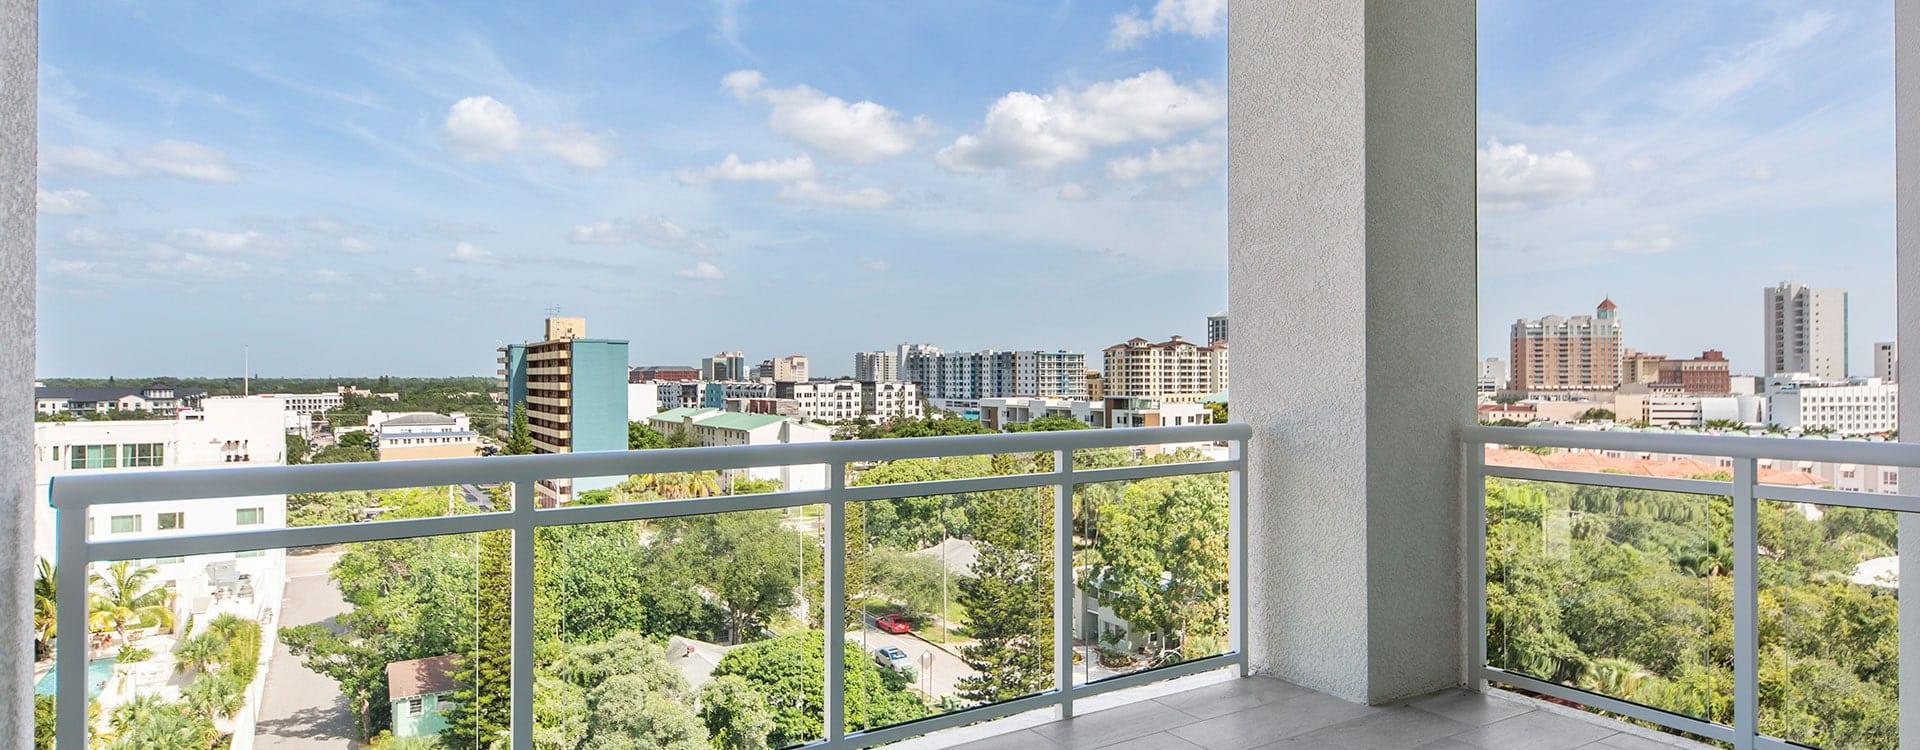 BLVD Sarasota Residence 803 Terrace View of downtown sarasota